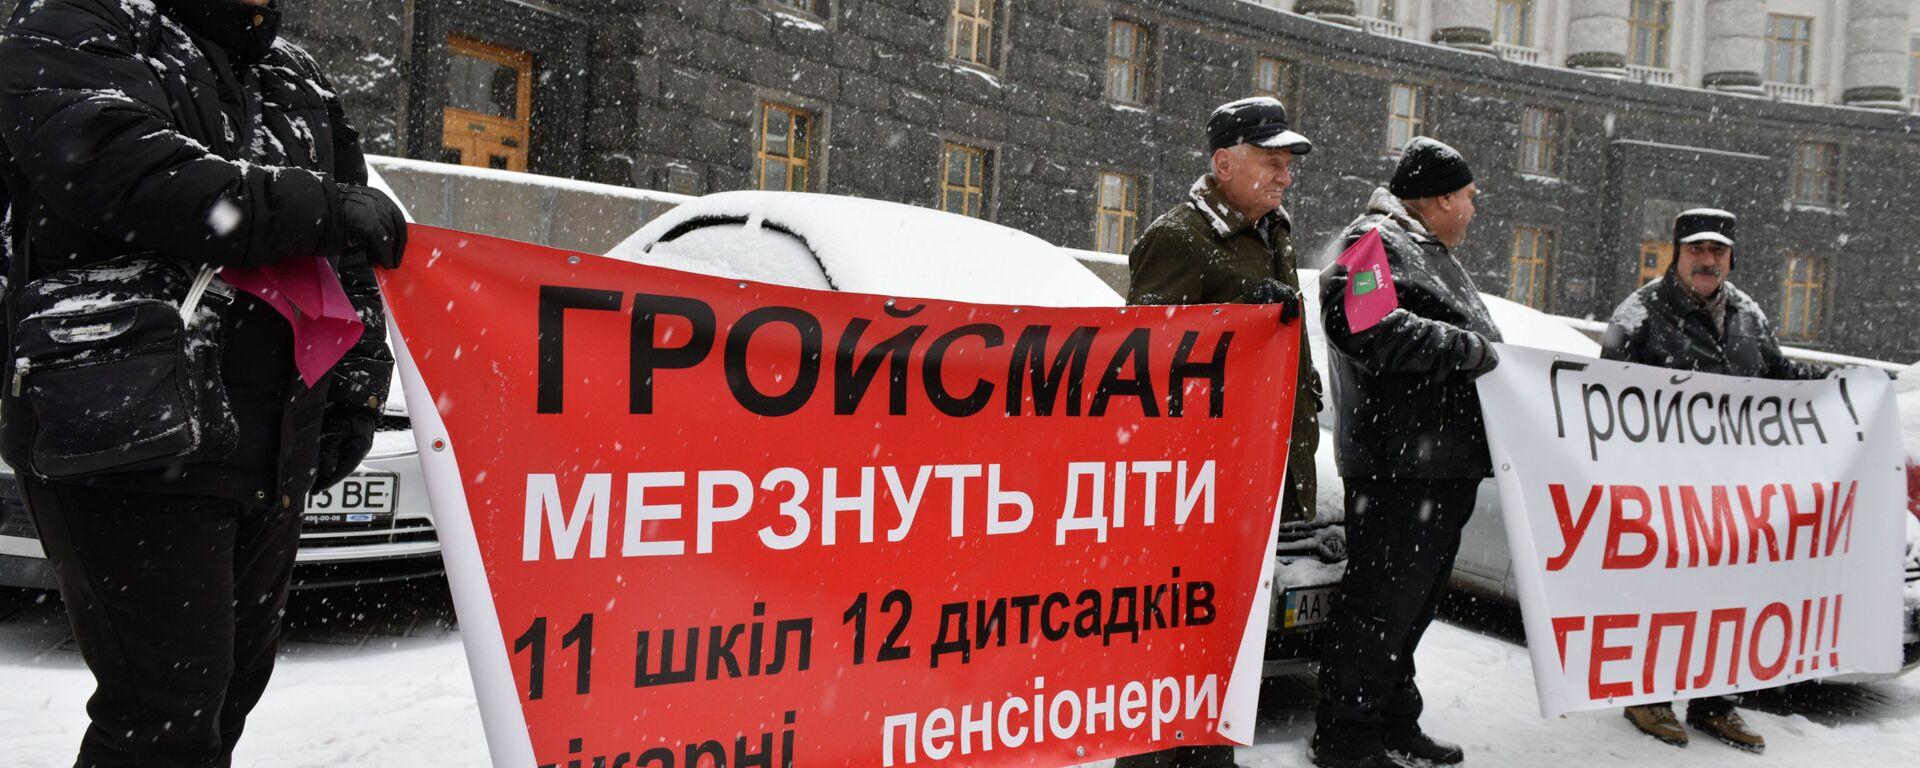 Жители Украины проводят пикет около здания кабинета министров в Киеве с требованием включить отопление в городах страны - Sputnik Латвия, 1920, 21.01.2021